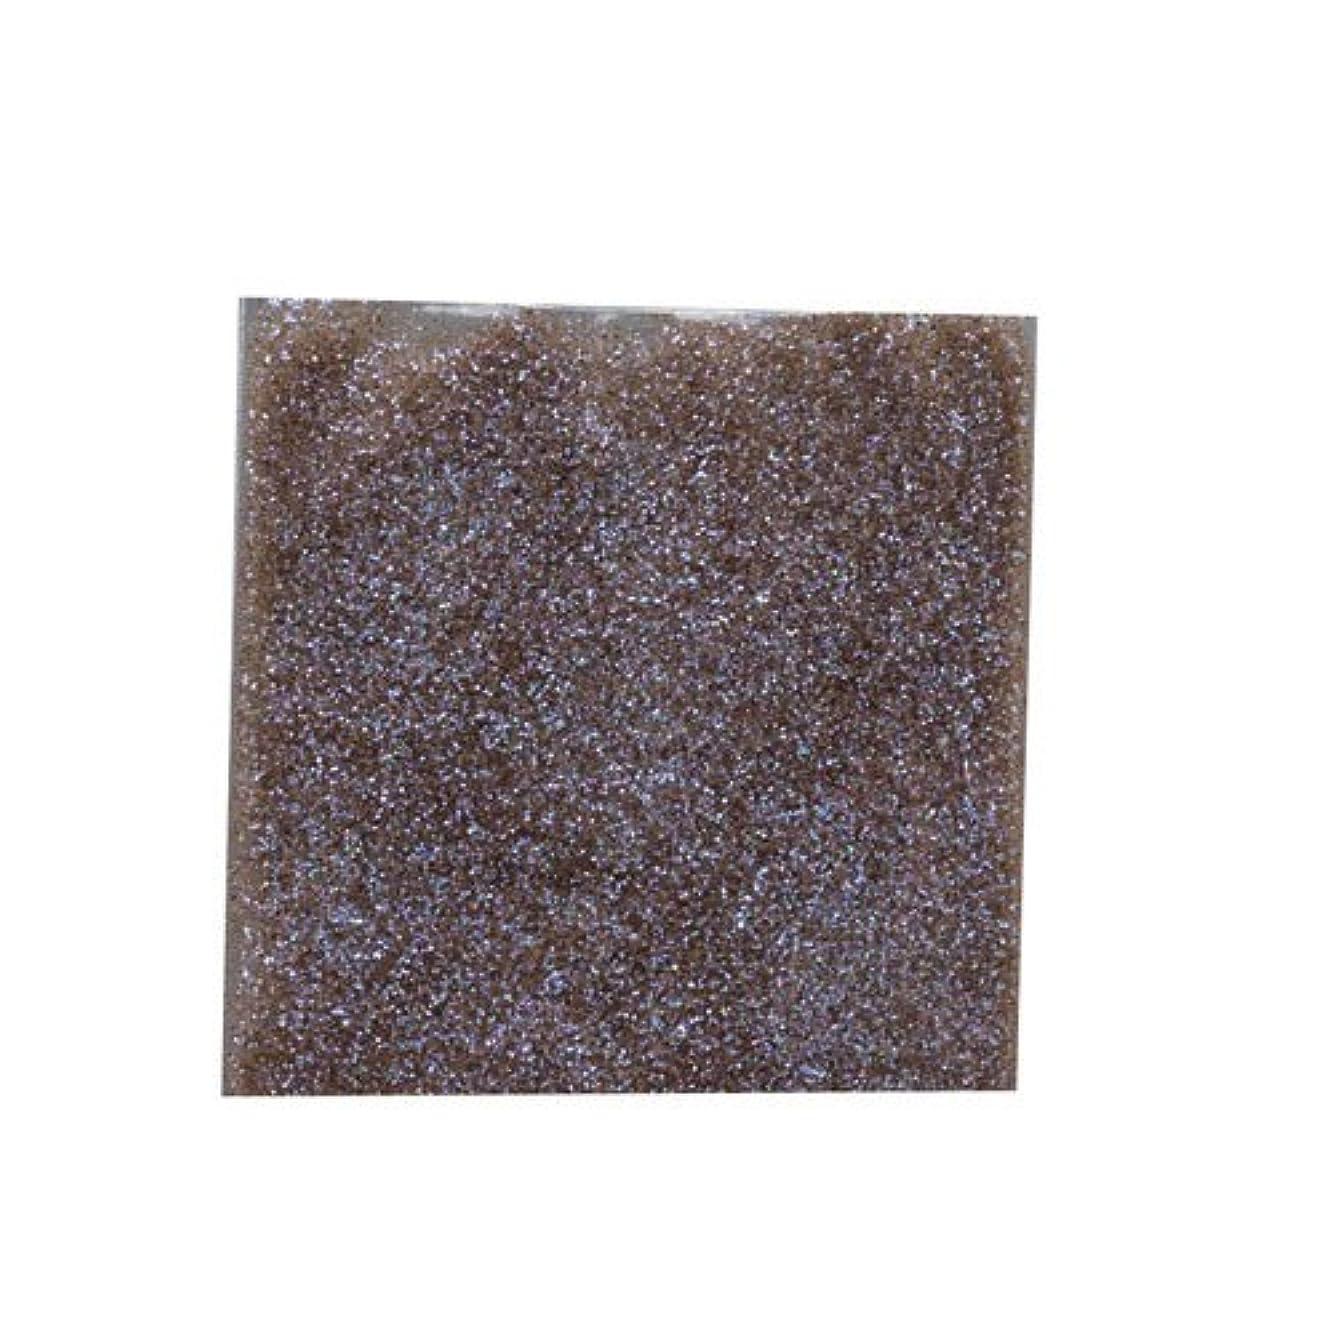 失望被る開いたピカエース ネイル用パウダー ラメカラーオーロラB 耐溶剤 S #539 ブラウン 0.7g